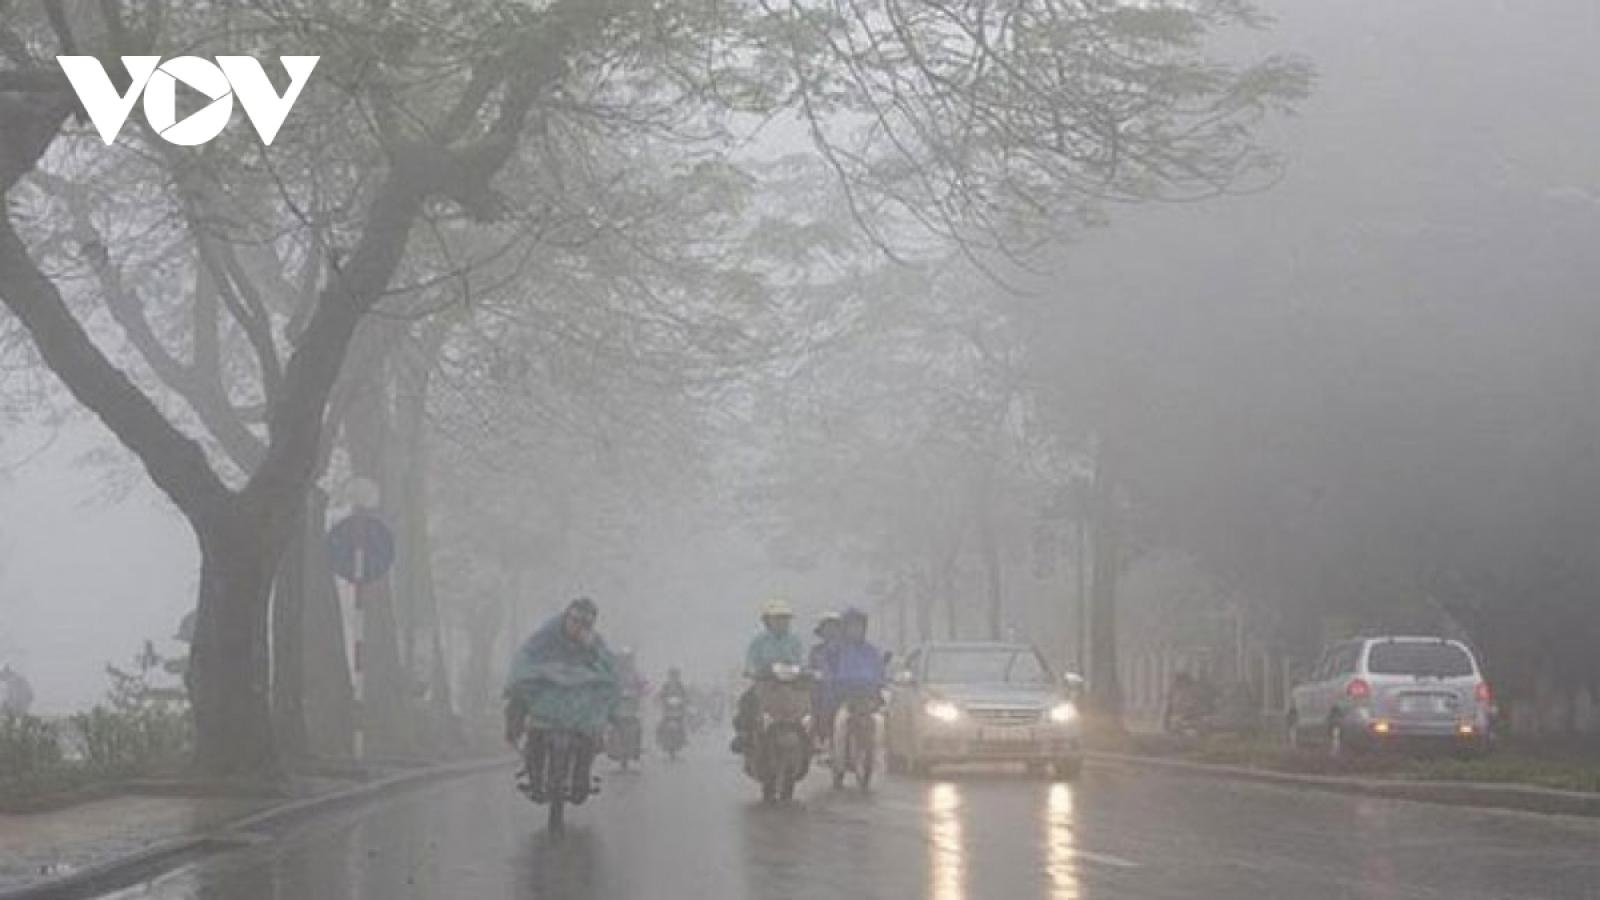 Thời tiết ngày 1/8: Mưa lớn trên diện rộng ngày cuối tuần